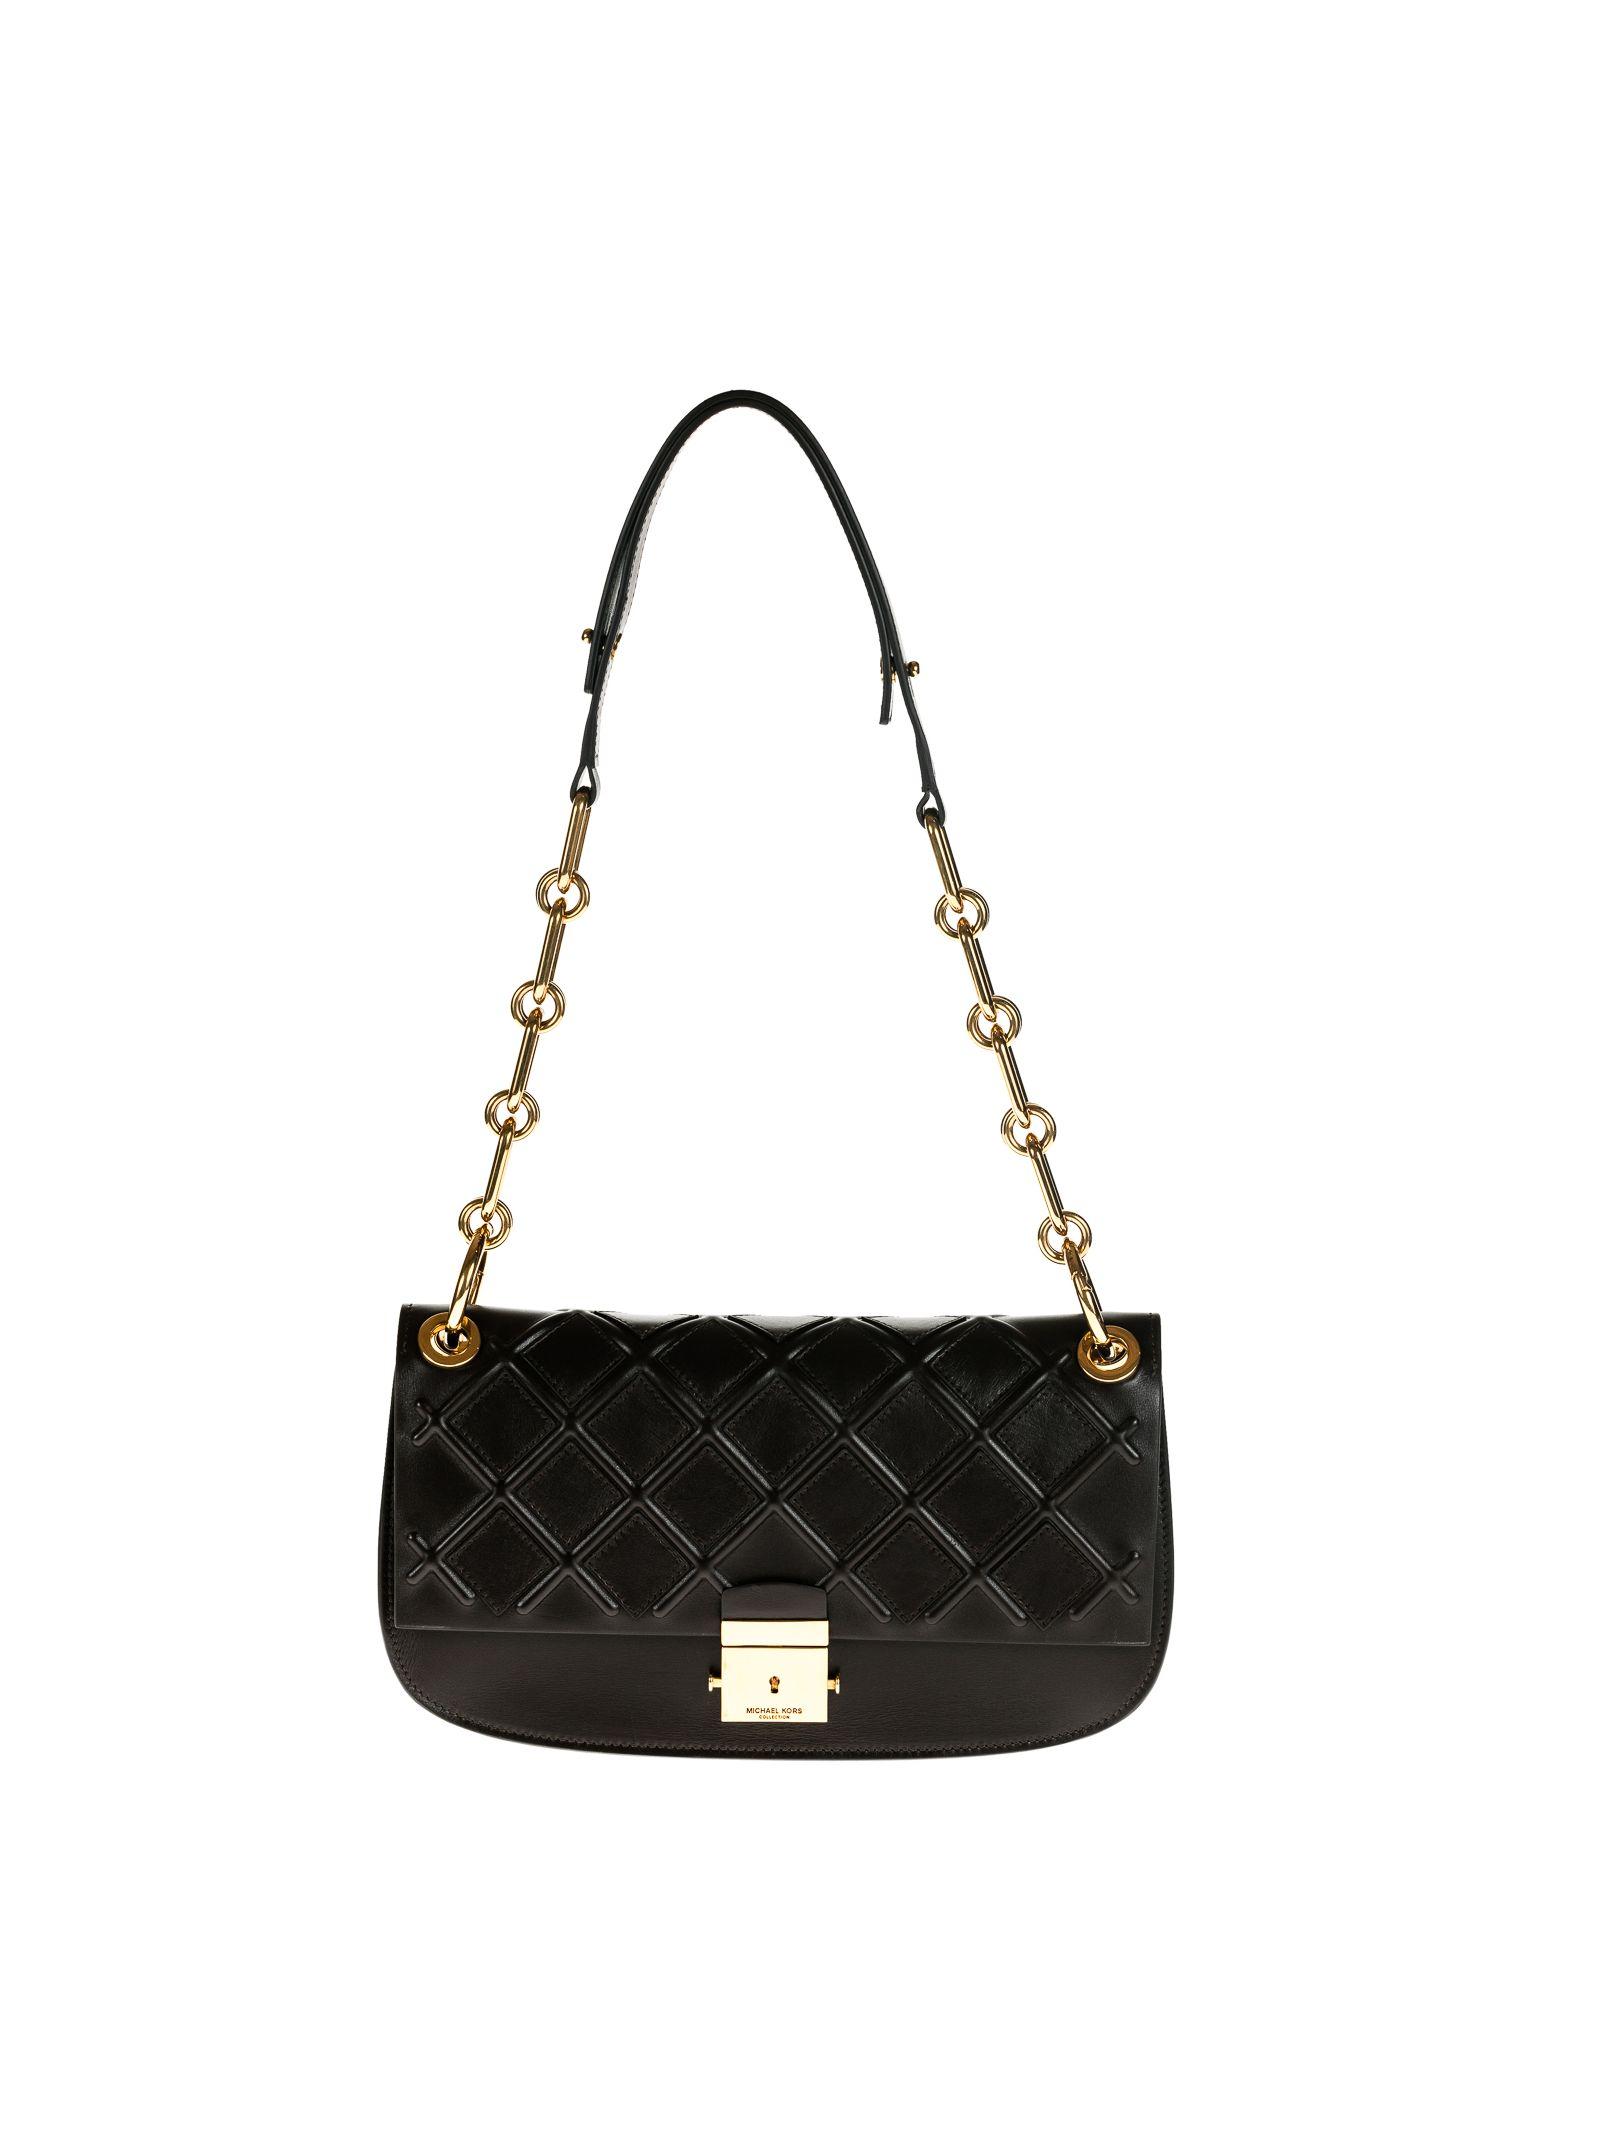 michael kors female 124273 michael kors collection mia handbag